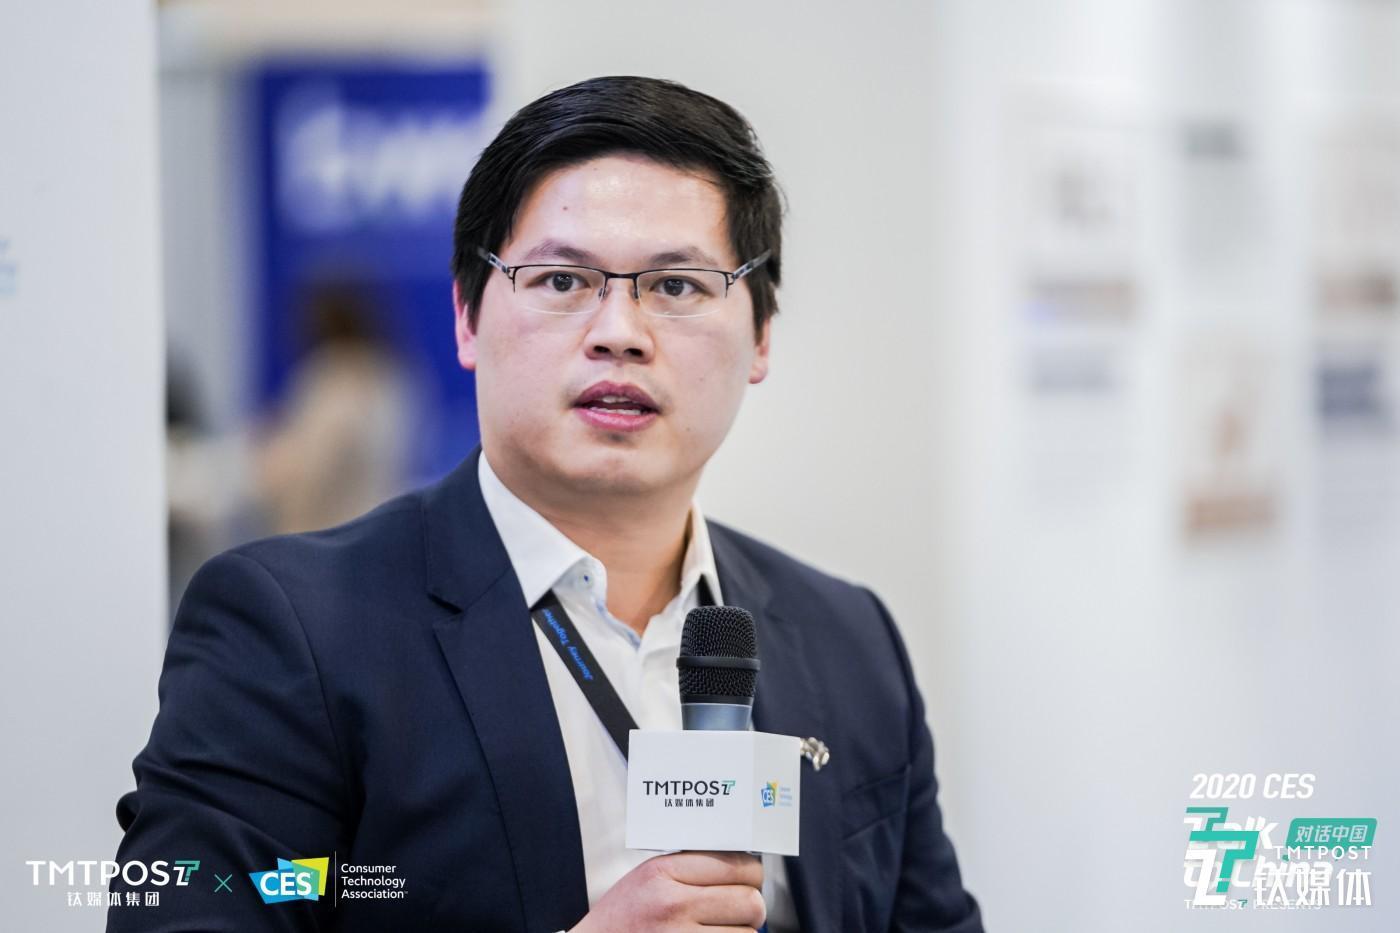 專訪地平線副總裁張玉峰:智能駕駛需兩條腿走路,提供感知層的深度賦能 | CES 2020